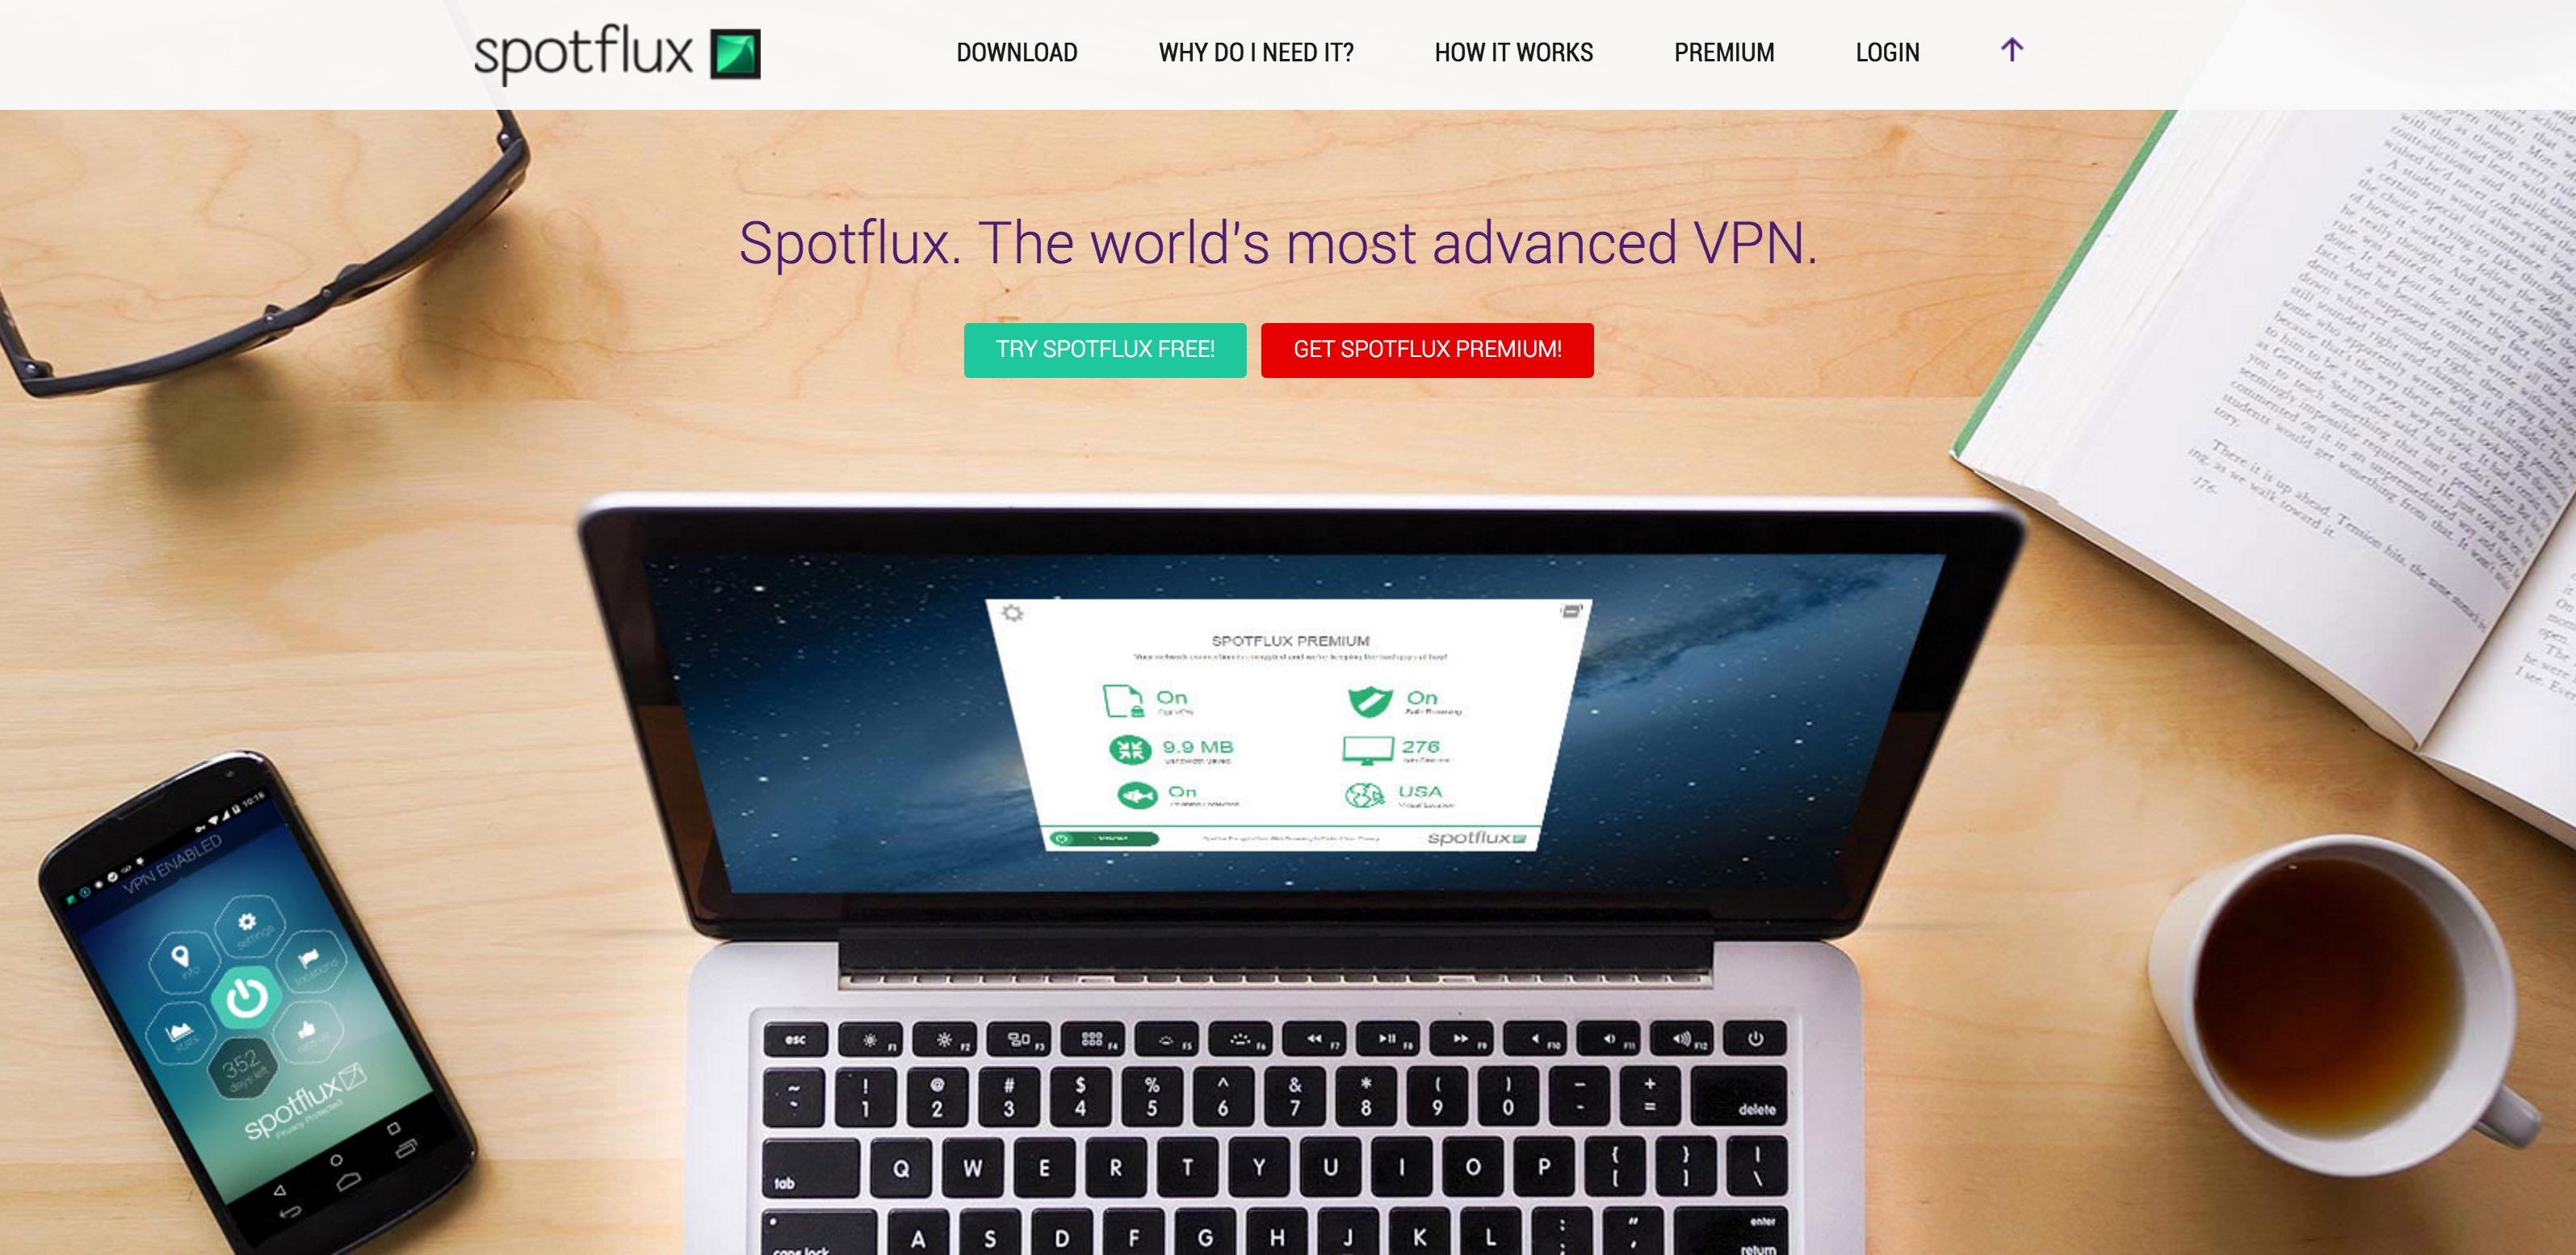 Spotflux free vpn